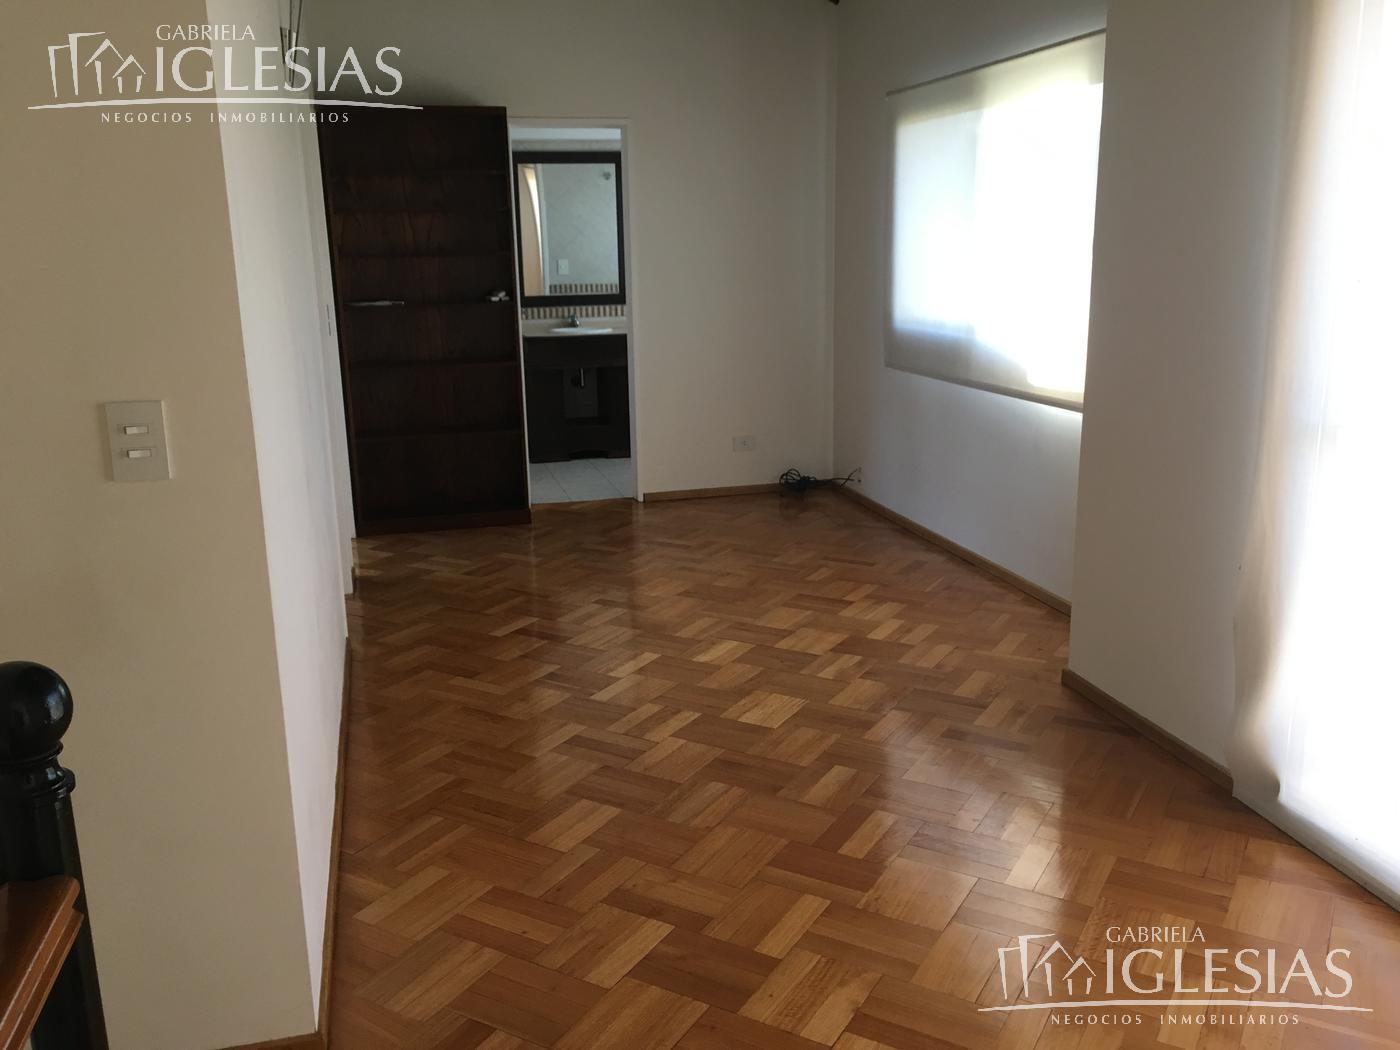 Casa en Alquiler en Los Castores a Alquiler - $ 45.000